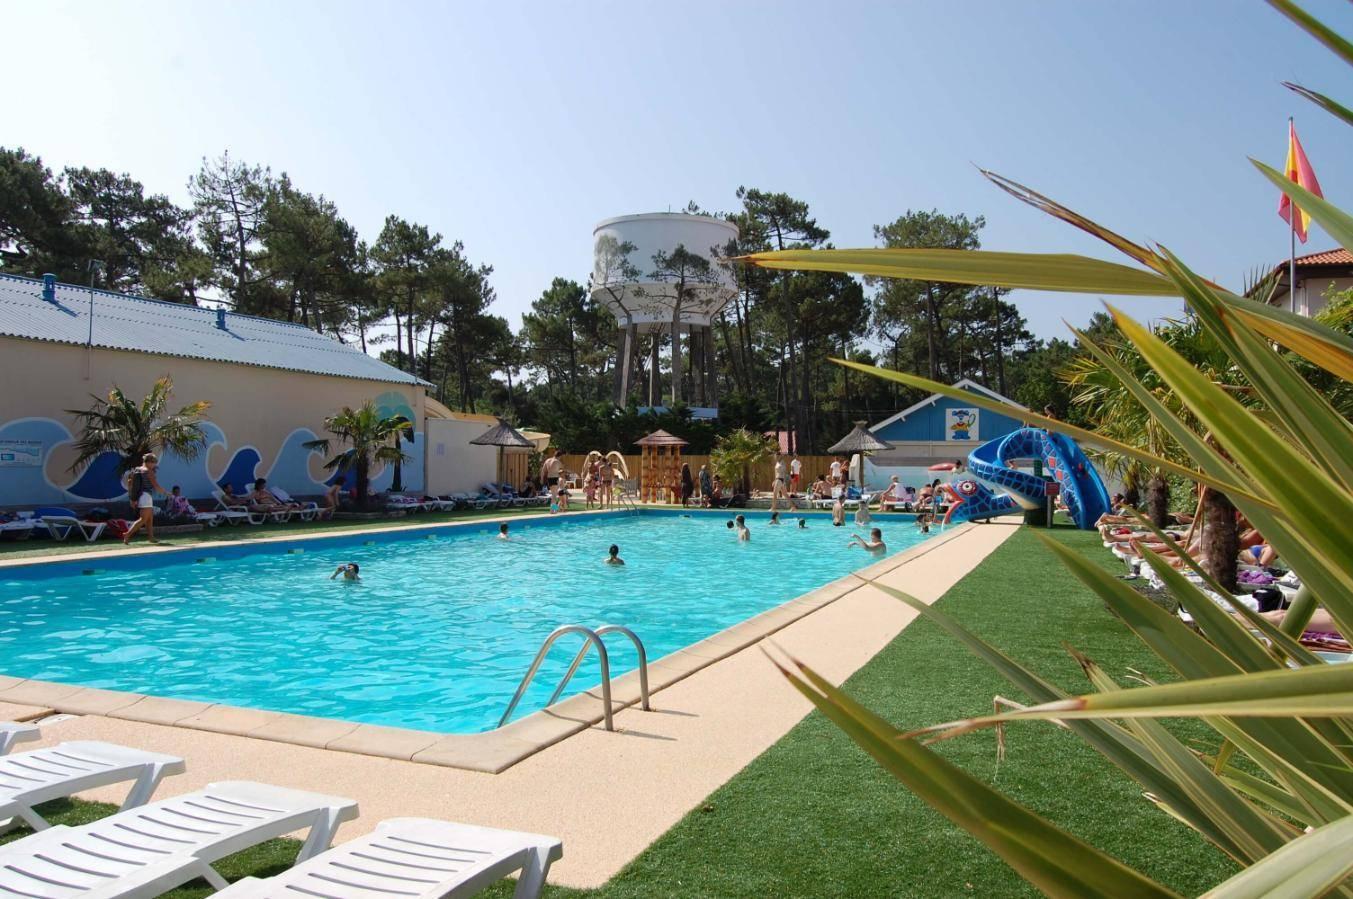 Parc Aquatique À Mimizan Plage Dans Les Landes. - ᐃ Club ... intérieur Camping Mimizan Avec Piscine